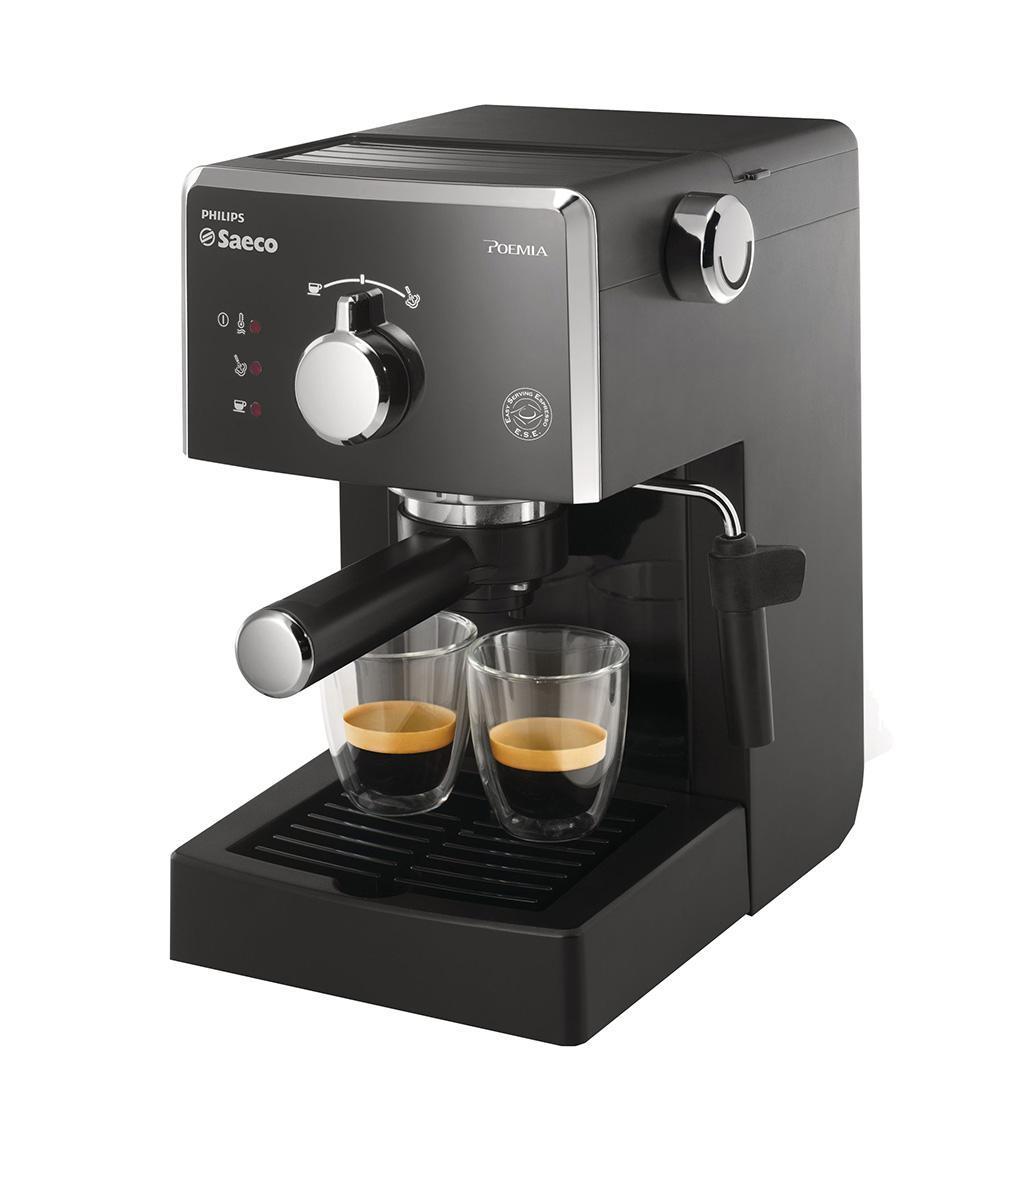 Philips Saeco HD8323/39 рожковая кофеваркаHD8323/39Philips Saeco HD8323/39 Рожковая эспрессо-кофемашина гарантирует любителям традиционного приготовления кофе идеальный эспрессо каждый день. Запатентованный напорный фильтр Crema каждый раз гарантирует великолепную стойкую пенку.Держатель напорного фильтра CremaДержатель напорного фильтра Crema Специальный фильтр Crema гарантирует великолепную стойкую кофейную пену, какой бы сорт кофе вы ни выбрали.Подходит для молотого кофе и системы Easy Serving Espresso (ESE) Вы можете использовать молотый кофе или выбрать систему Easy Serving Espresso (E.S.E.) для приготовления кофе в чалдахДавление помпы 15 барВысокое давление позволяет раскрыть весь аромат молотого кофеДолговечные качественные материалыРожковая эспрессо-кофемашина создана из высококачественных и прочных материалов.Подставка для чашекБлагодаря этой удобной функции вы можете хранить чашки и стаканы для эспрессо прямо на эспрессо-кофемашине. Так они всегда будут под рукой и не займут много места.Эргономичная работа день за днем Если необходимо добавить кофе или воды, очистить фильтр или поддон — все отсеки находятся в прямом доступе для максимального удобства.Классический капучинатор для великолепной молочной пенкиЭта эспрессо-кофемашина оснащена классическим капучинатором, который бариста называют панарелло. Для приготовления великолепной молочной пенки нужно просто погрузить его в молоко. Почувствуйте себя бариста — готовьте вкусный кофе традиционным способом!